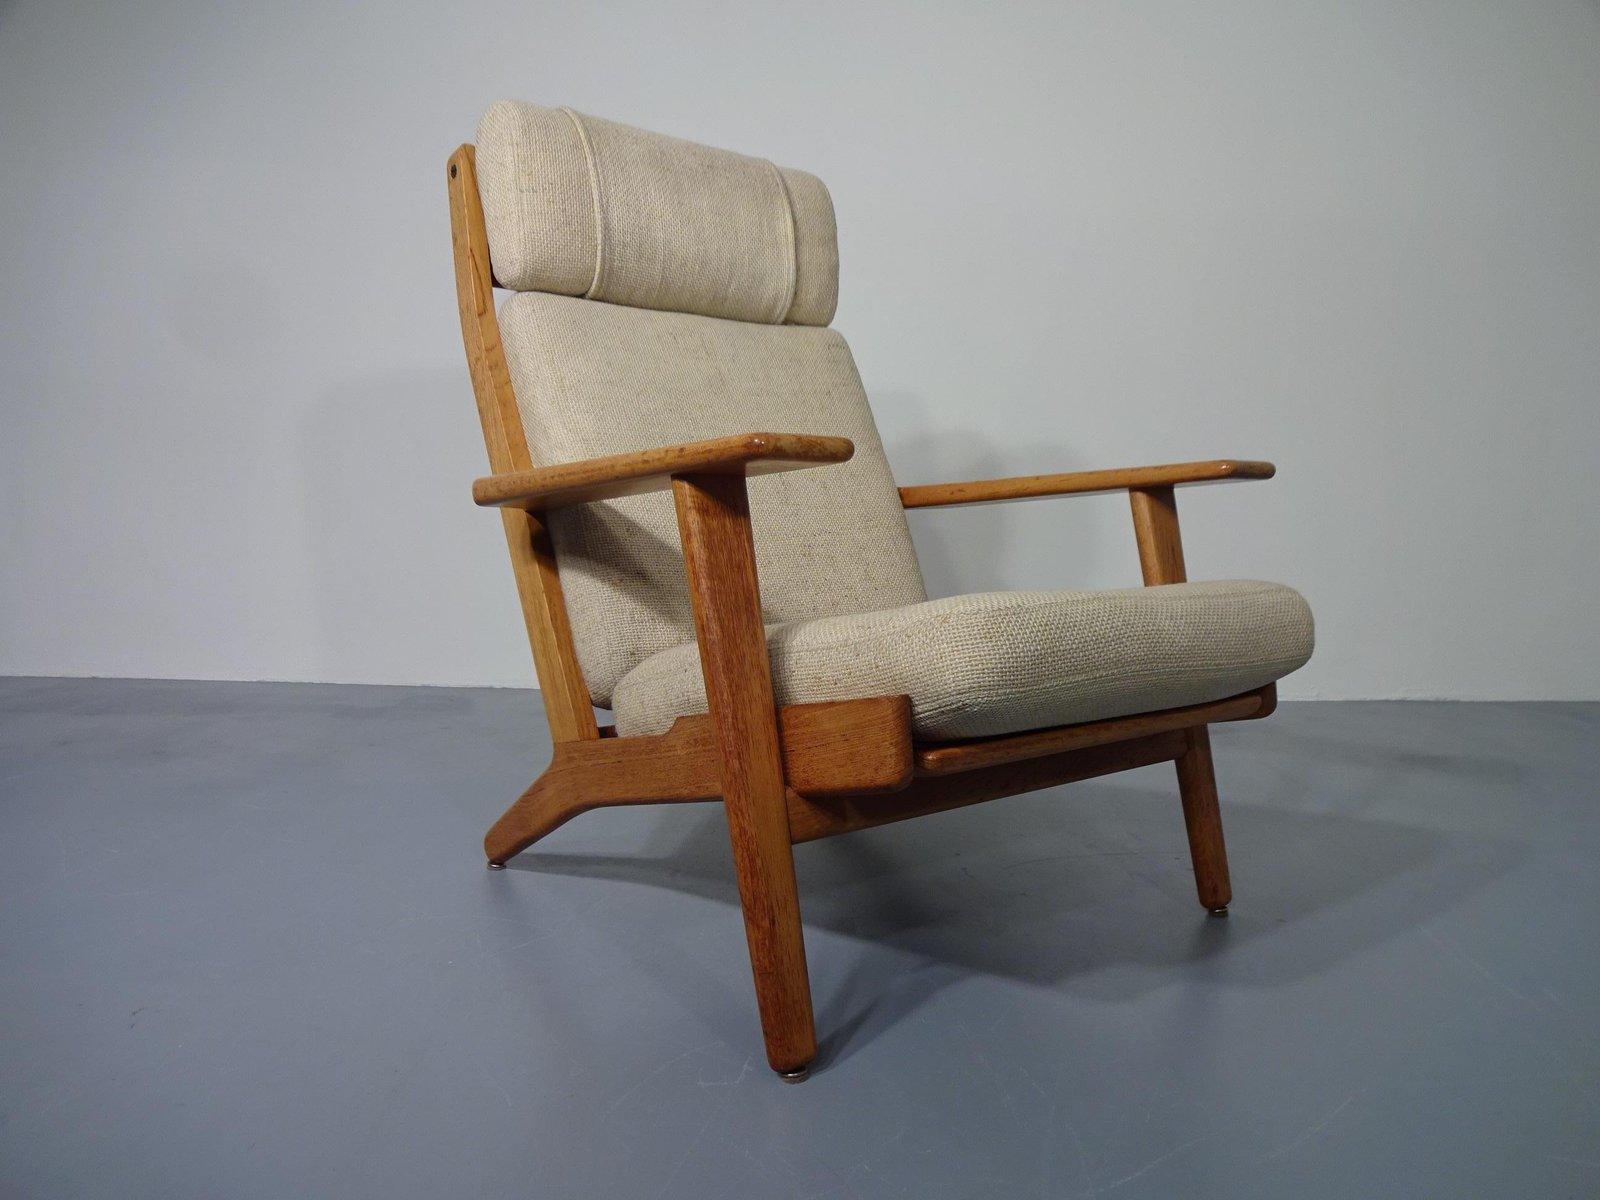 teak ge 290 sessel von hans j wegner f r getama 1960er. Black Bedroom Furniture Sets. Home Design Ideas